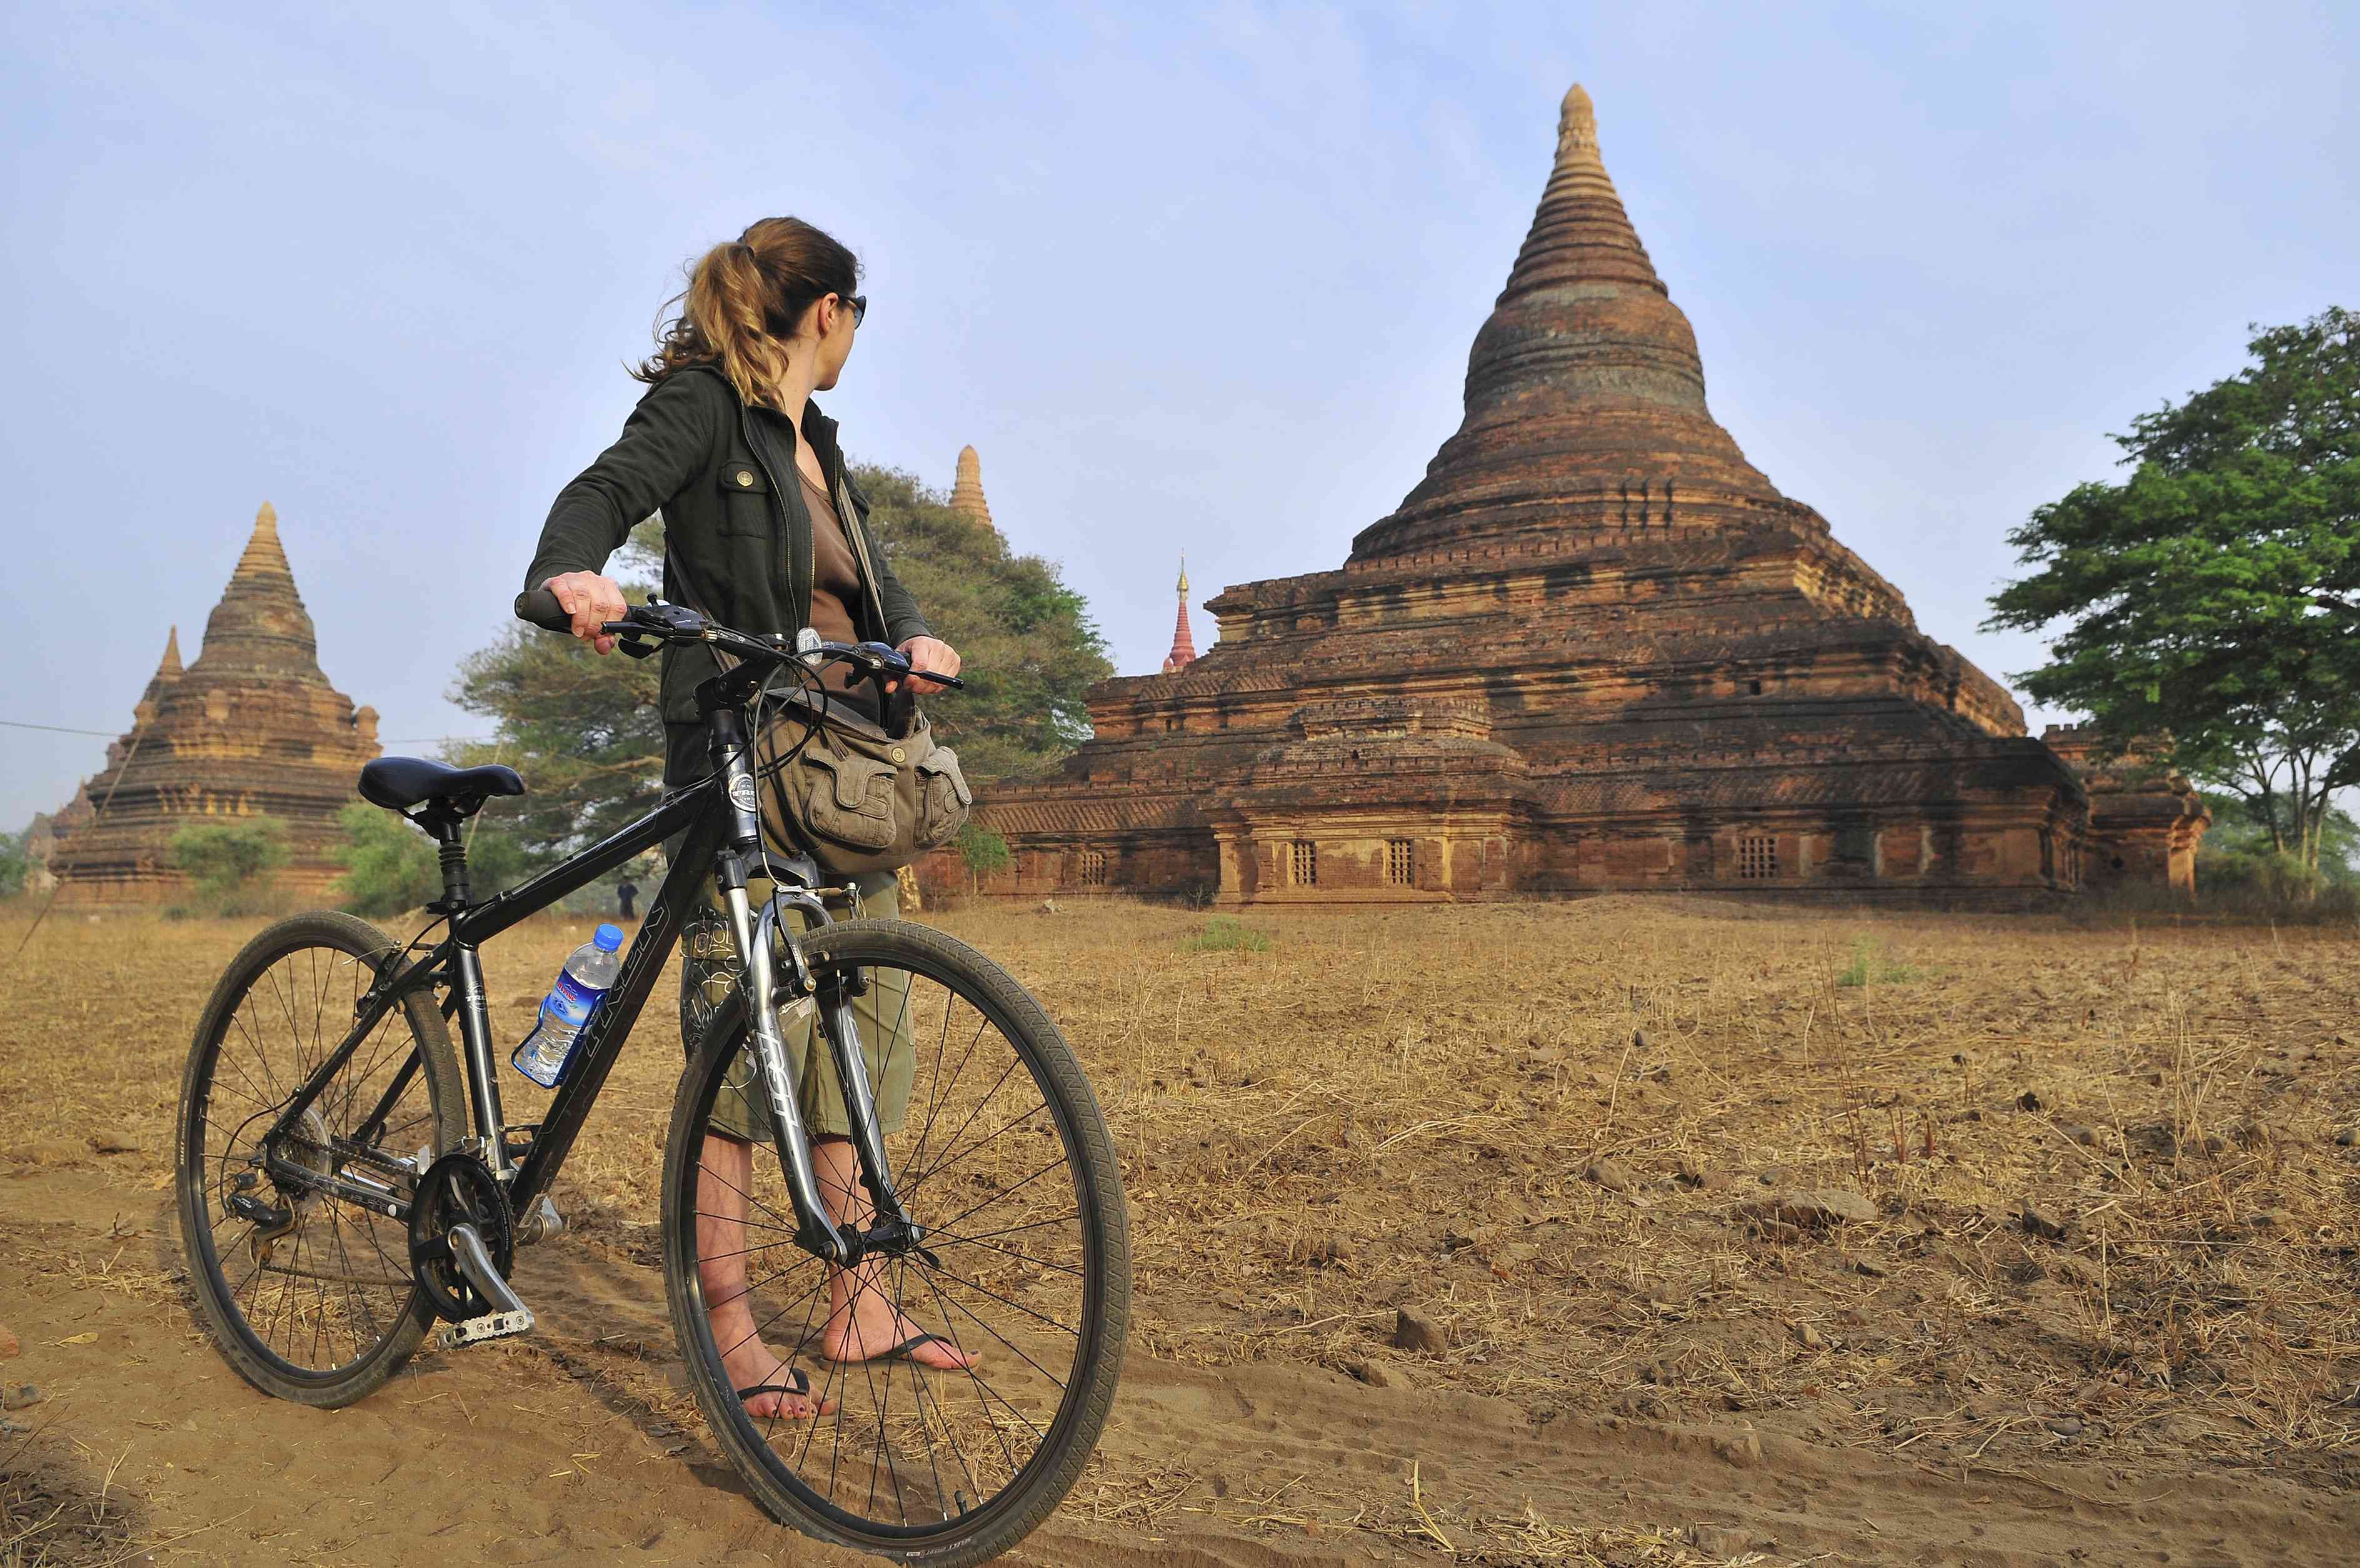 Biking tourist in Bagan, Myanmar